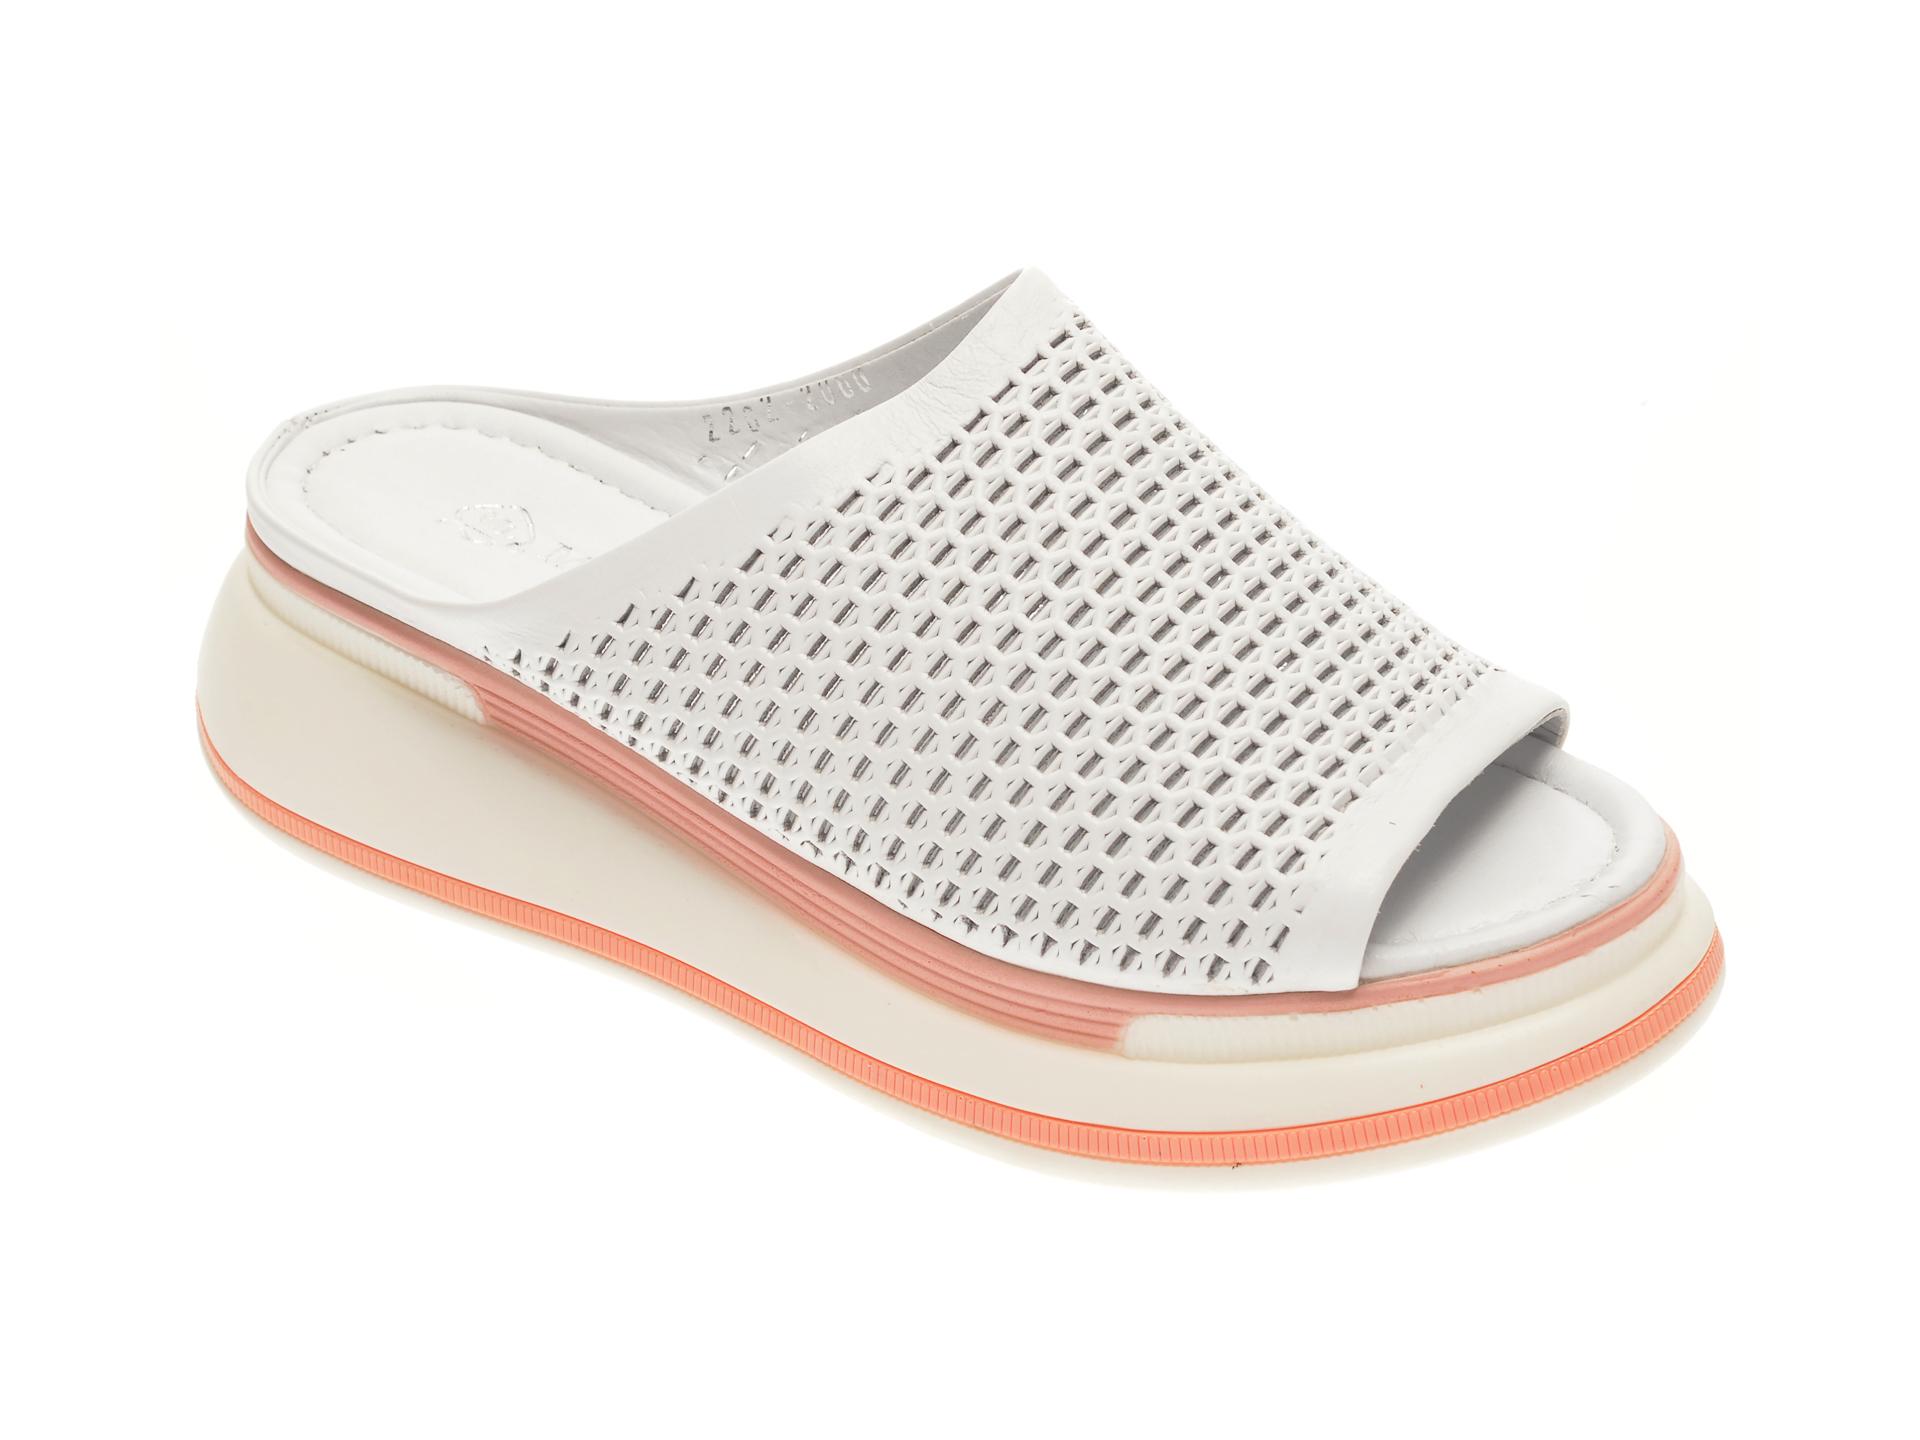 Papuci MISS LIZA albi, 1182562, din piele naturala imagine